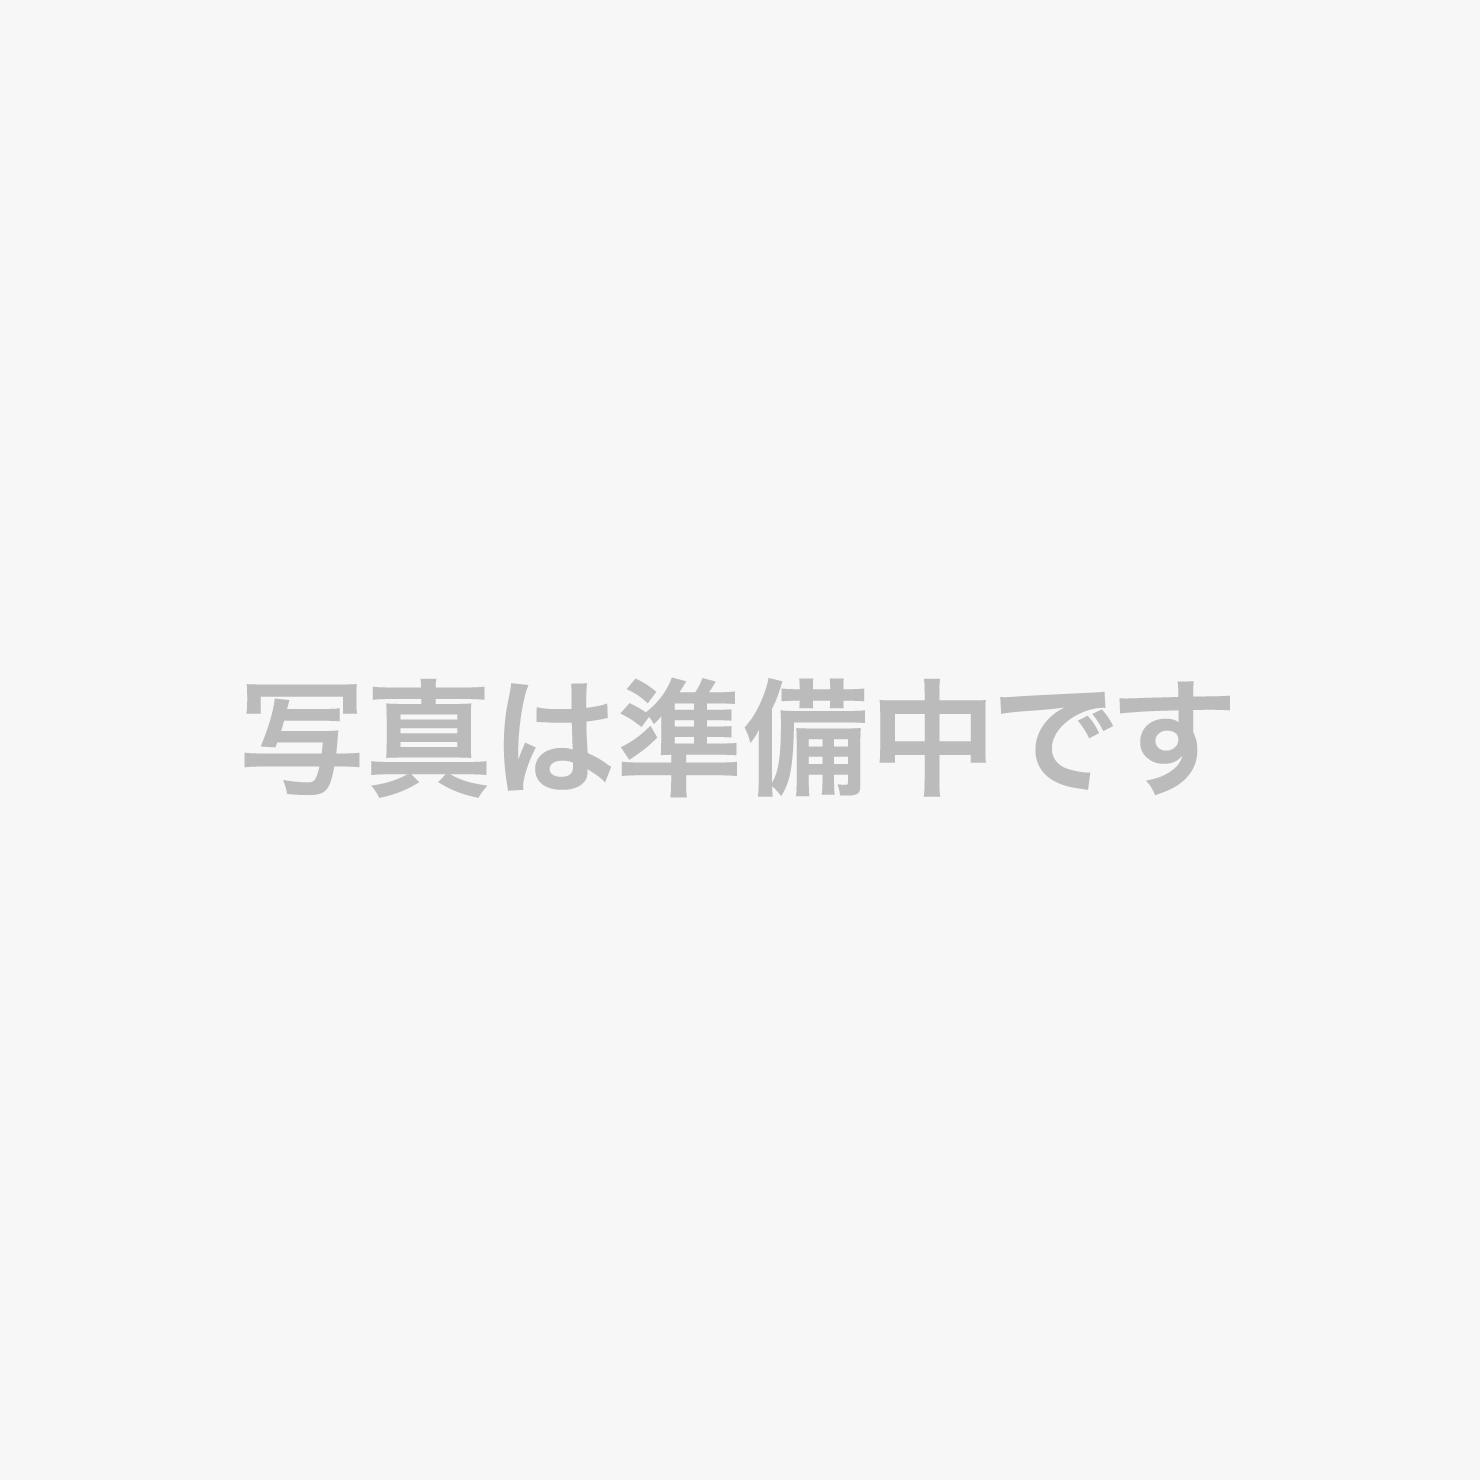 中国料理 桃李 イメージ